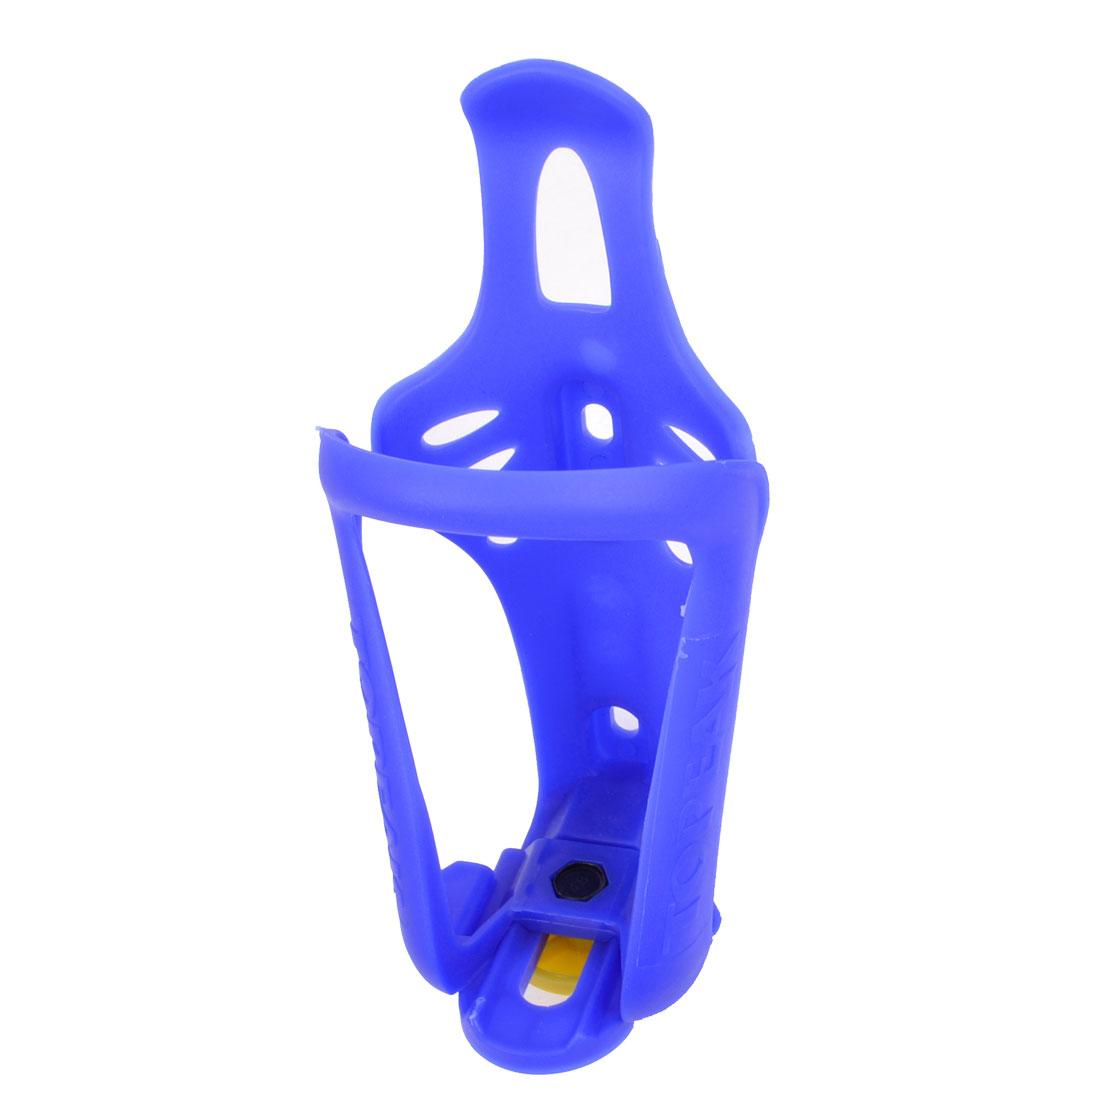 Bike Bicycle Motorcycle Blue Plastic Adjustable Water Drink Bottle Rack Holder